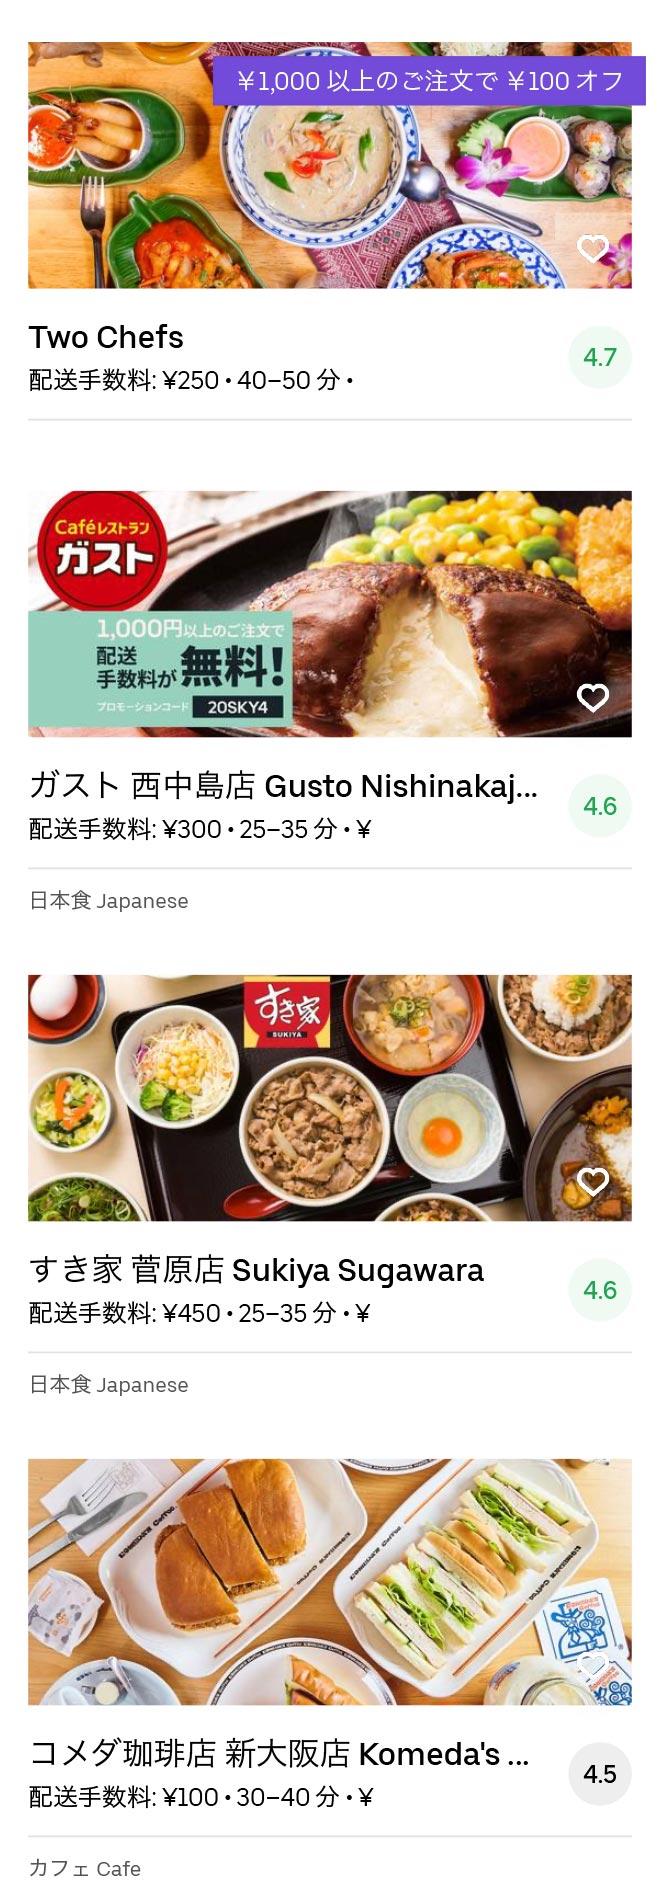 Toyonaka shounai menu 2005 05